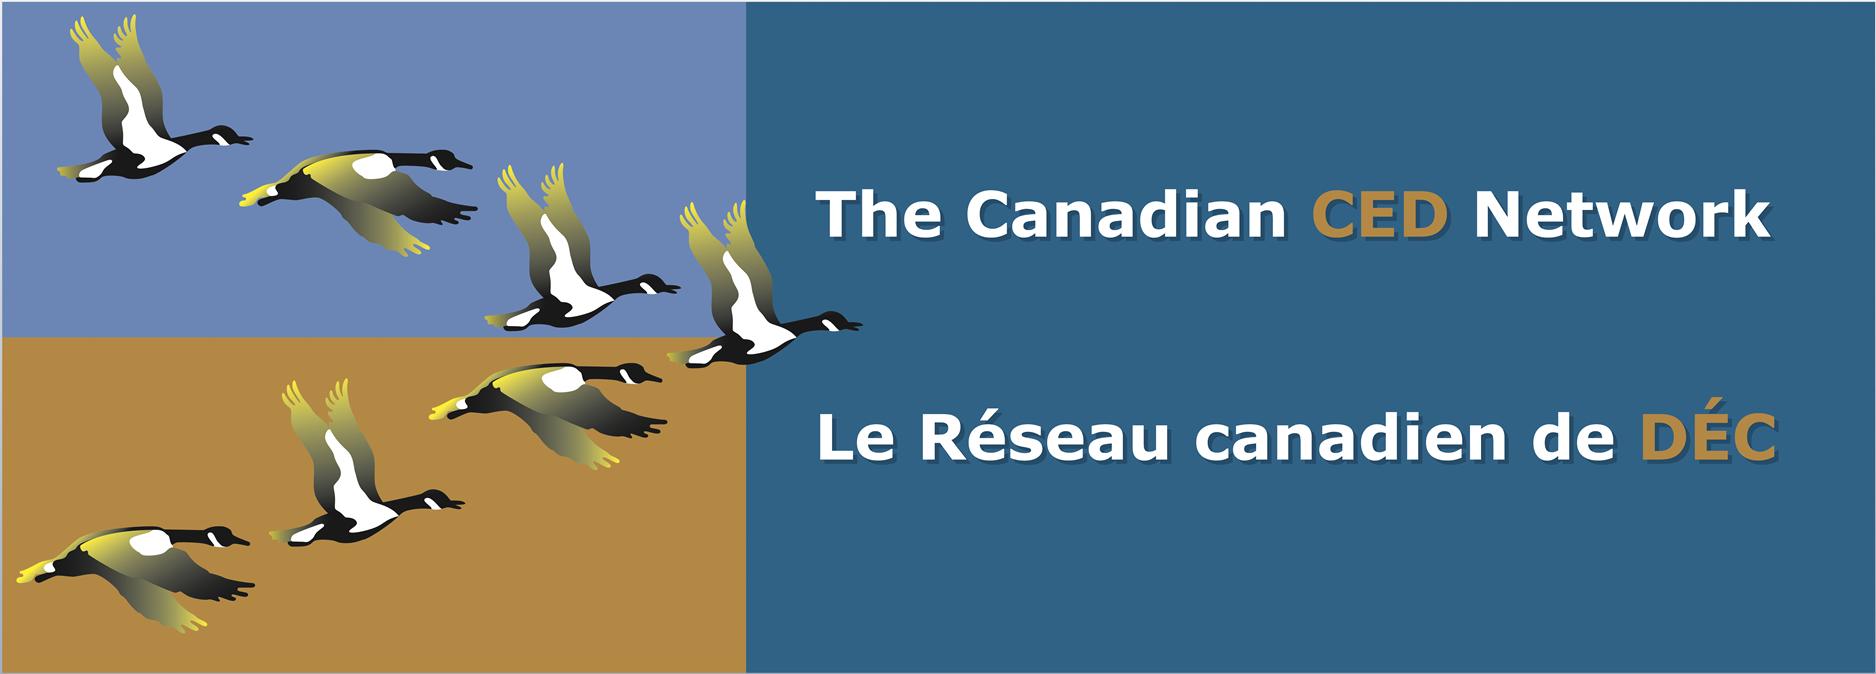 Le Réseau canadien de DÉC